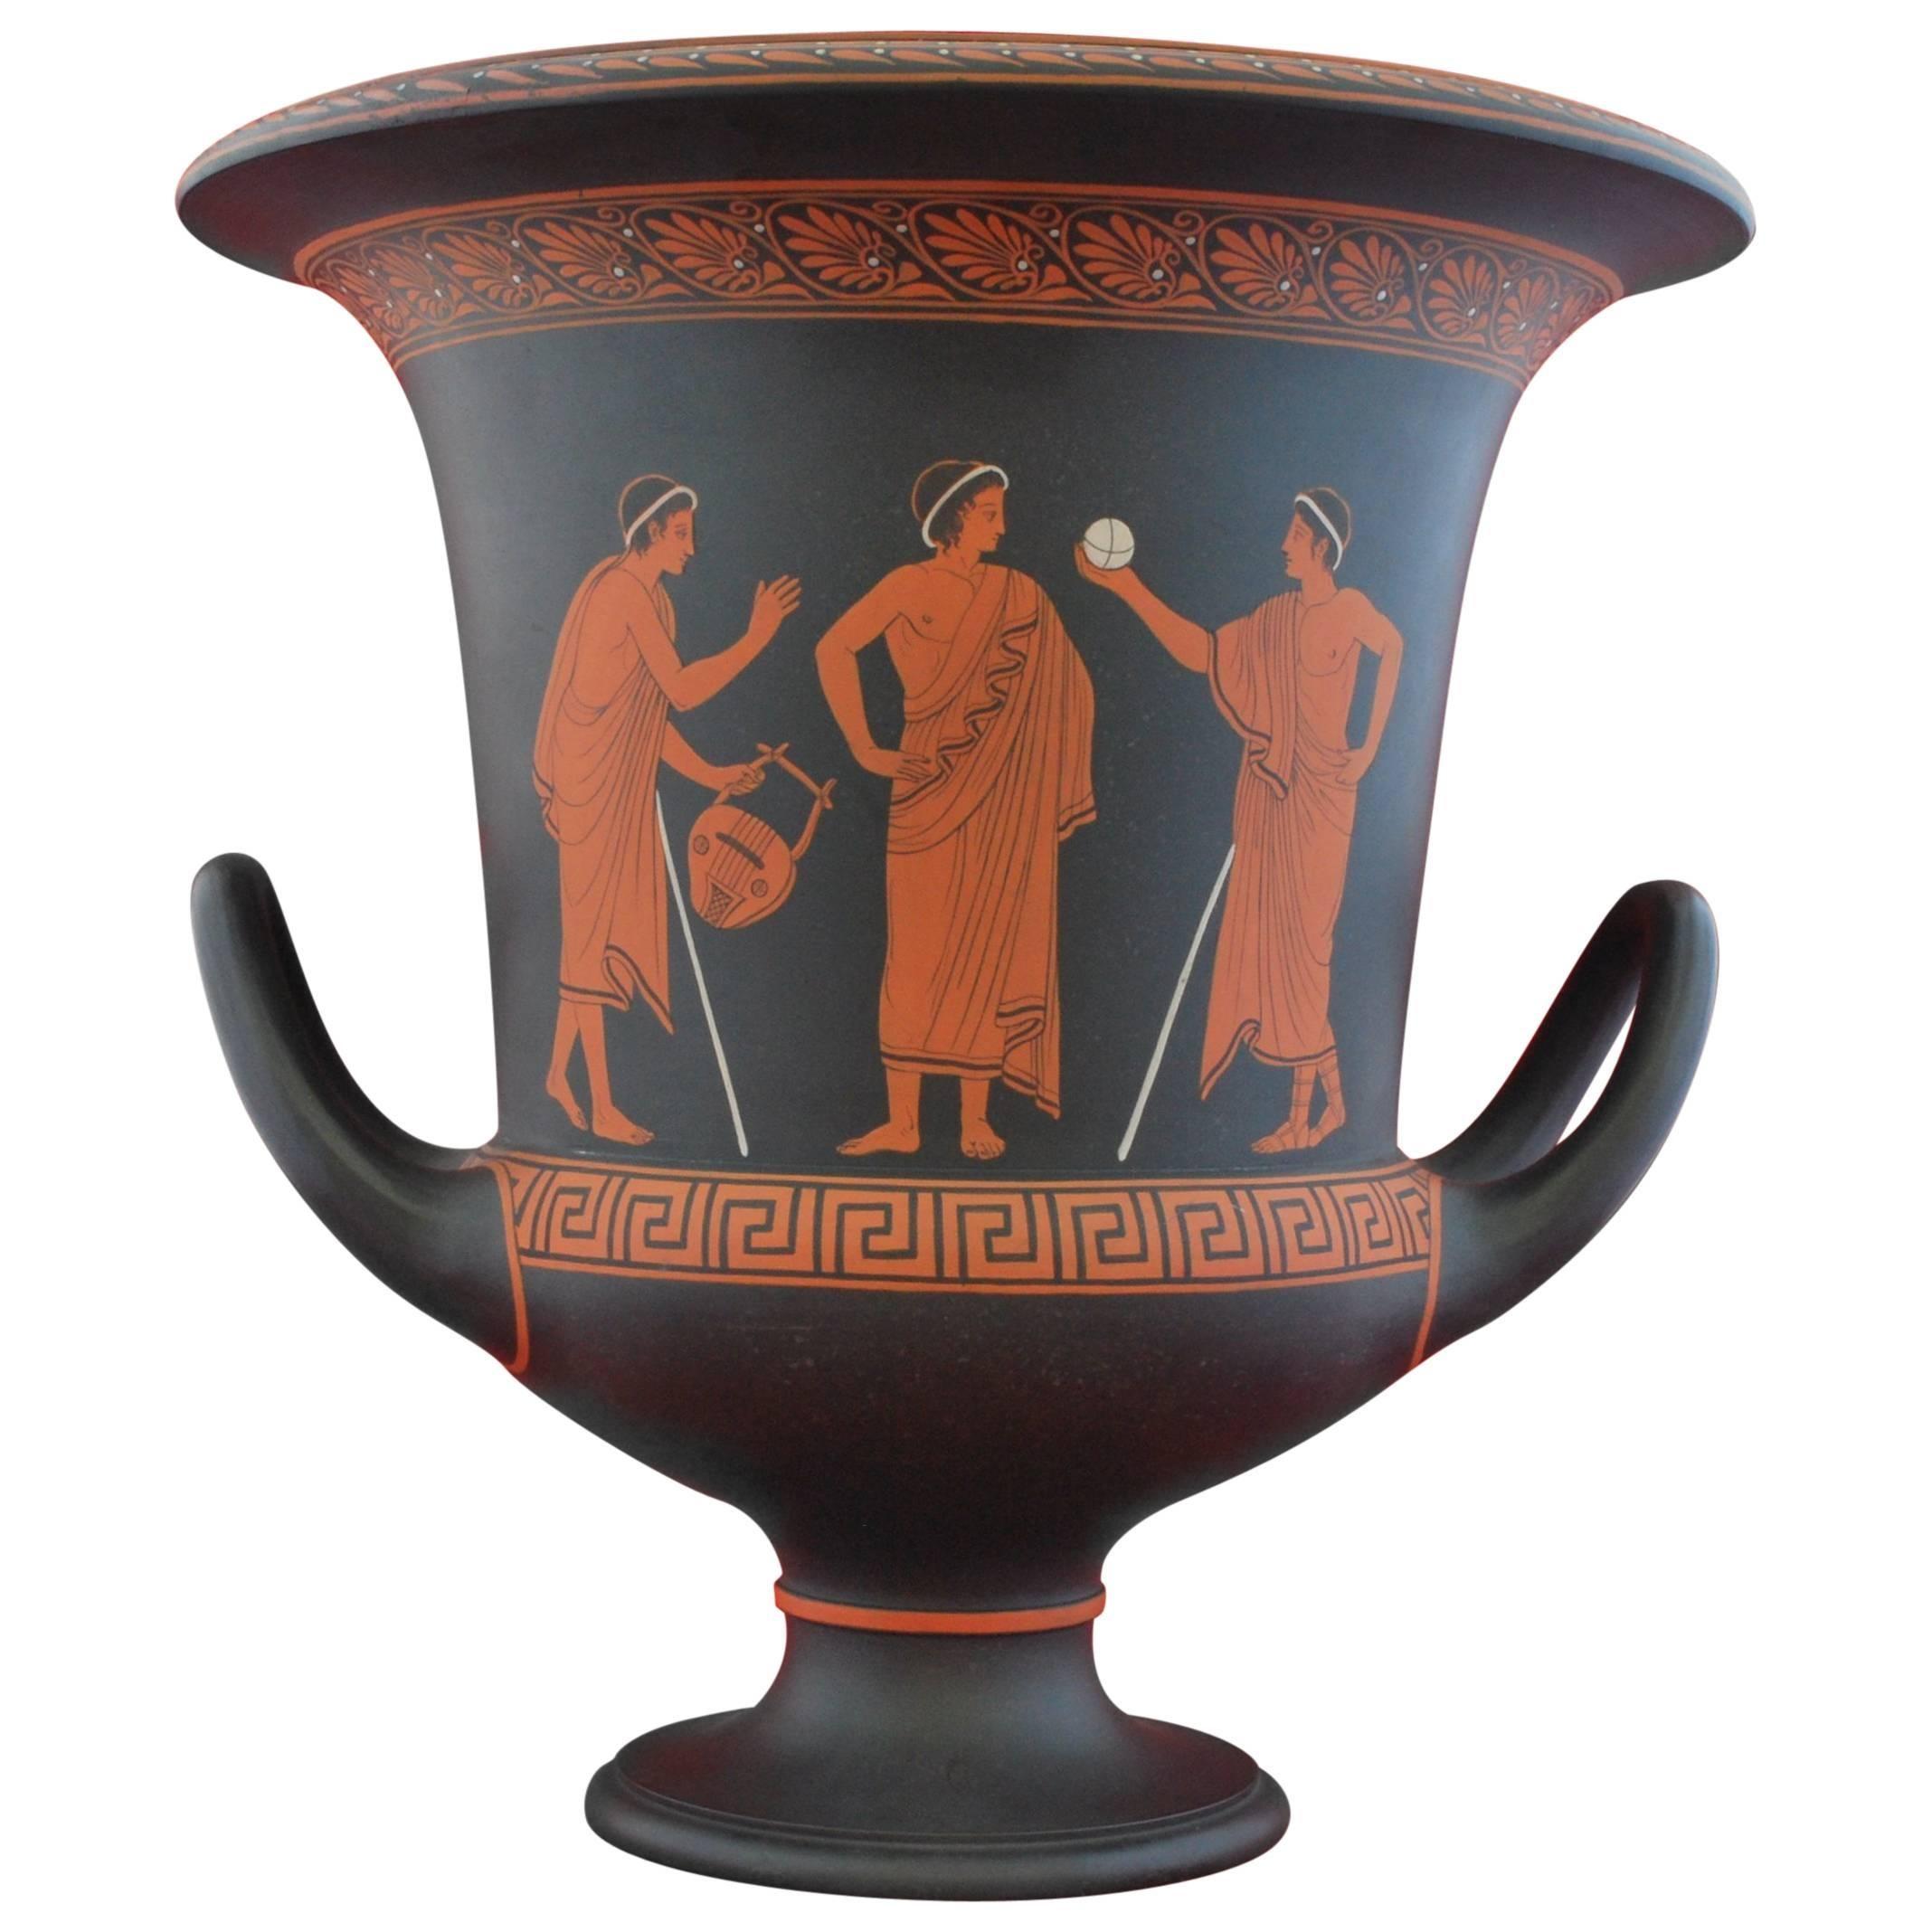 Encaustic Painted Basalt Vase, Wedgwood, circa 1785